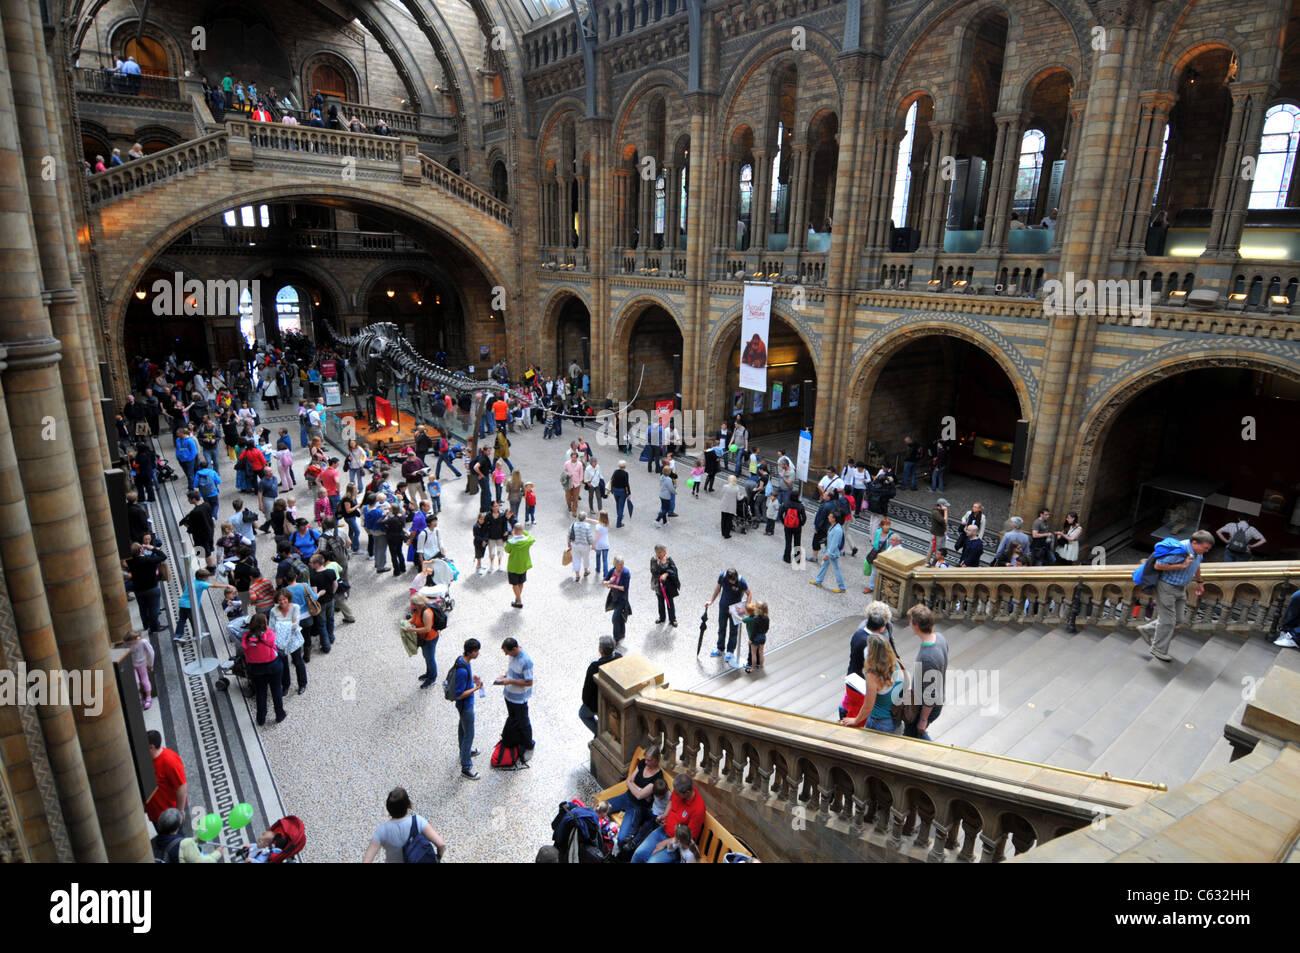 Natural History Museum, London, Britain, UK - Stock Image